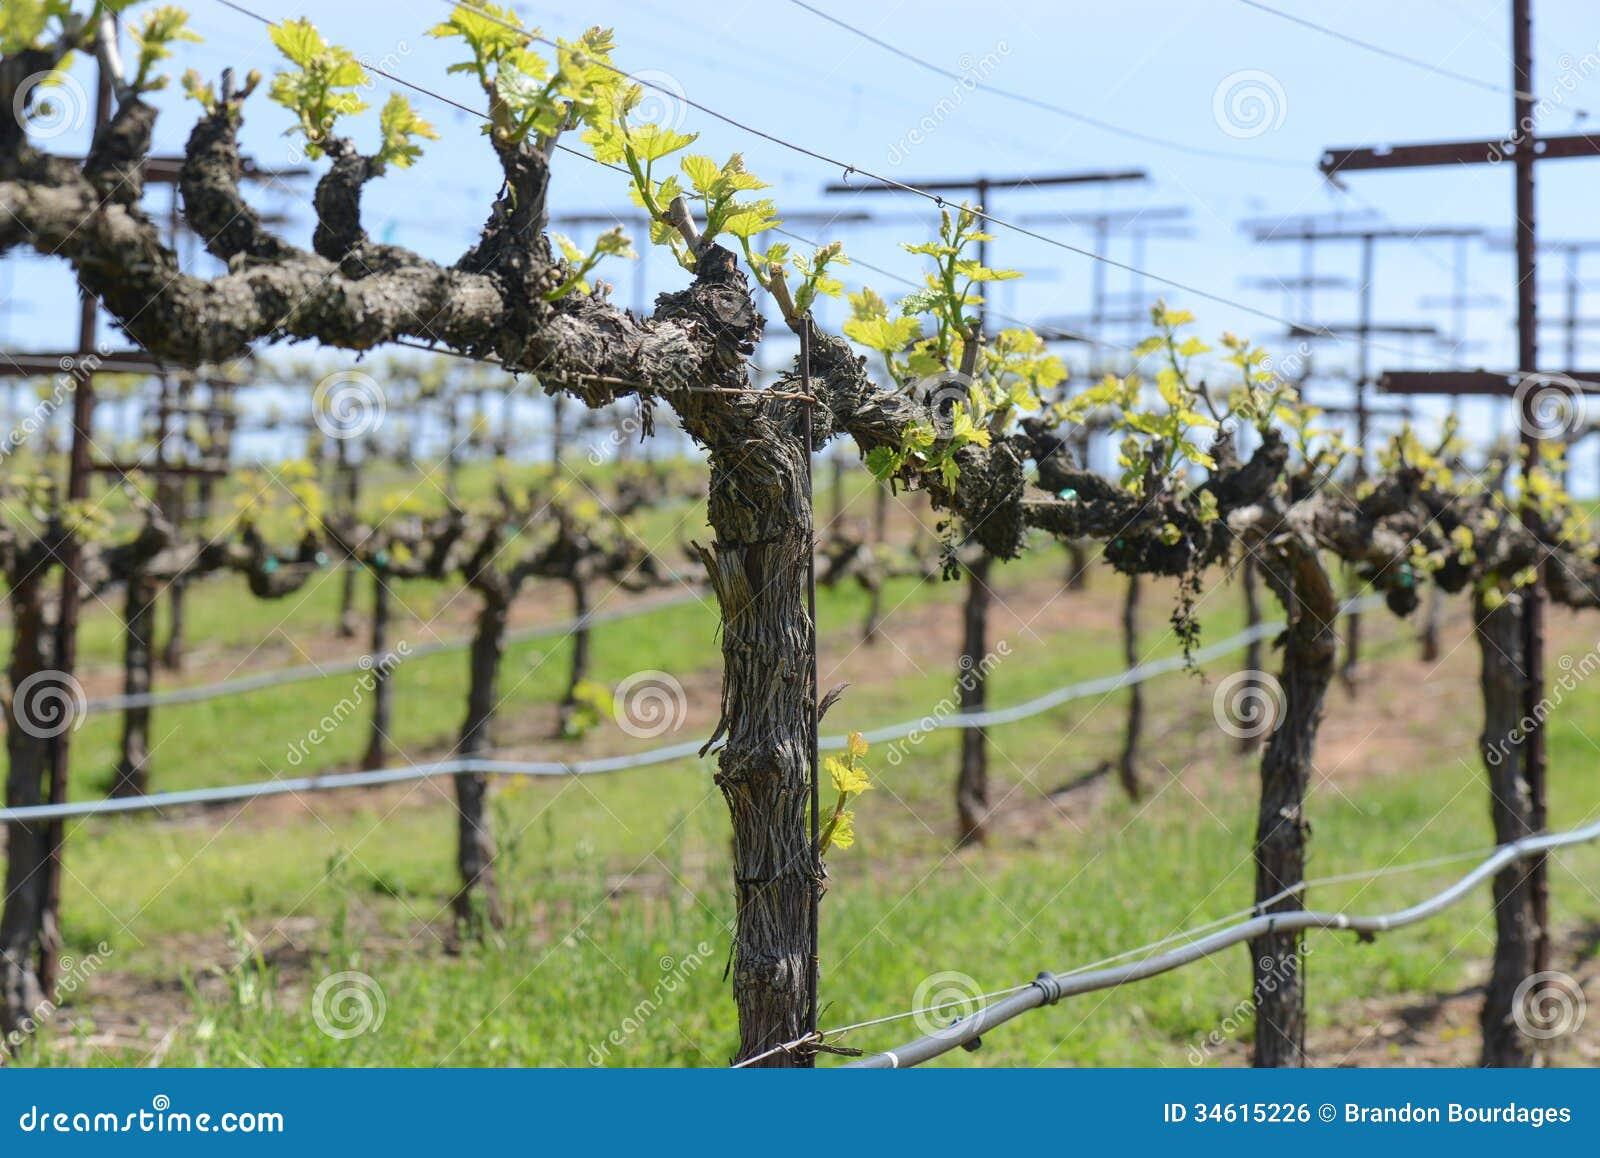 Grapevine in spring stock photo image of vinifera vitis 34615226 - Planting grapevine in springtime steps ...